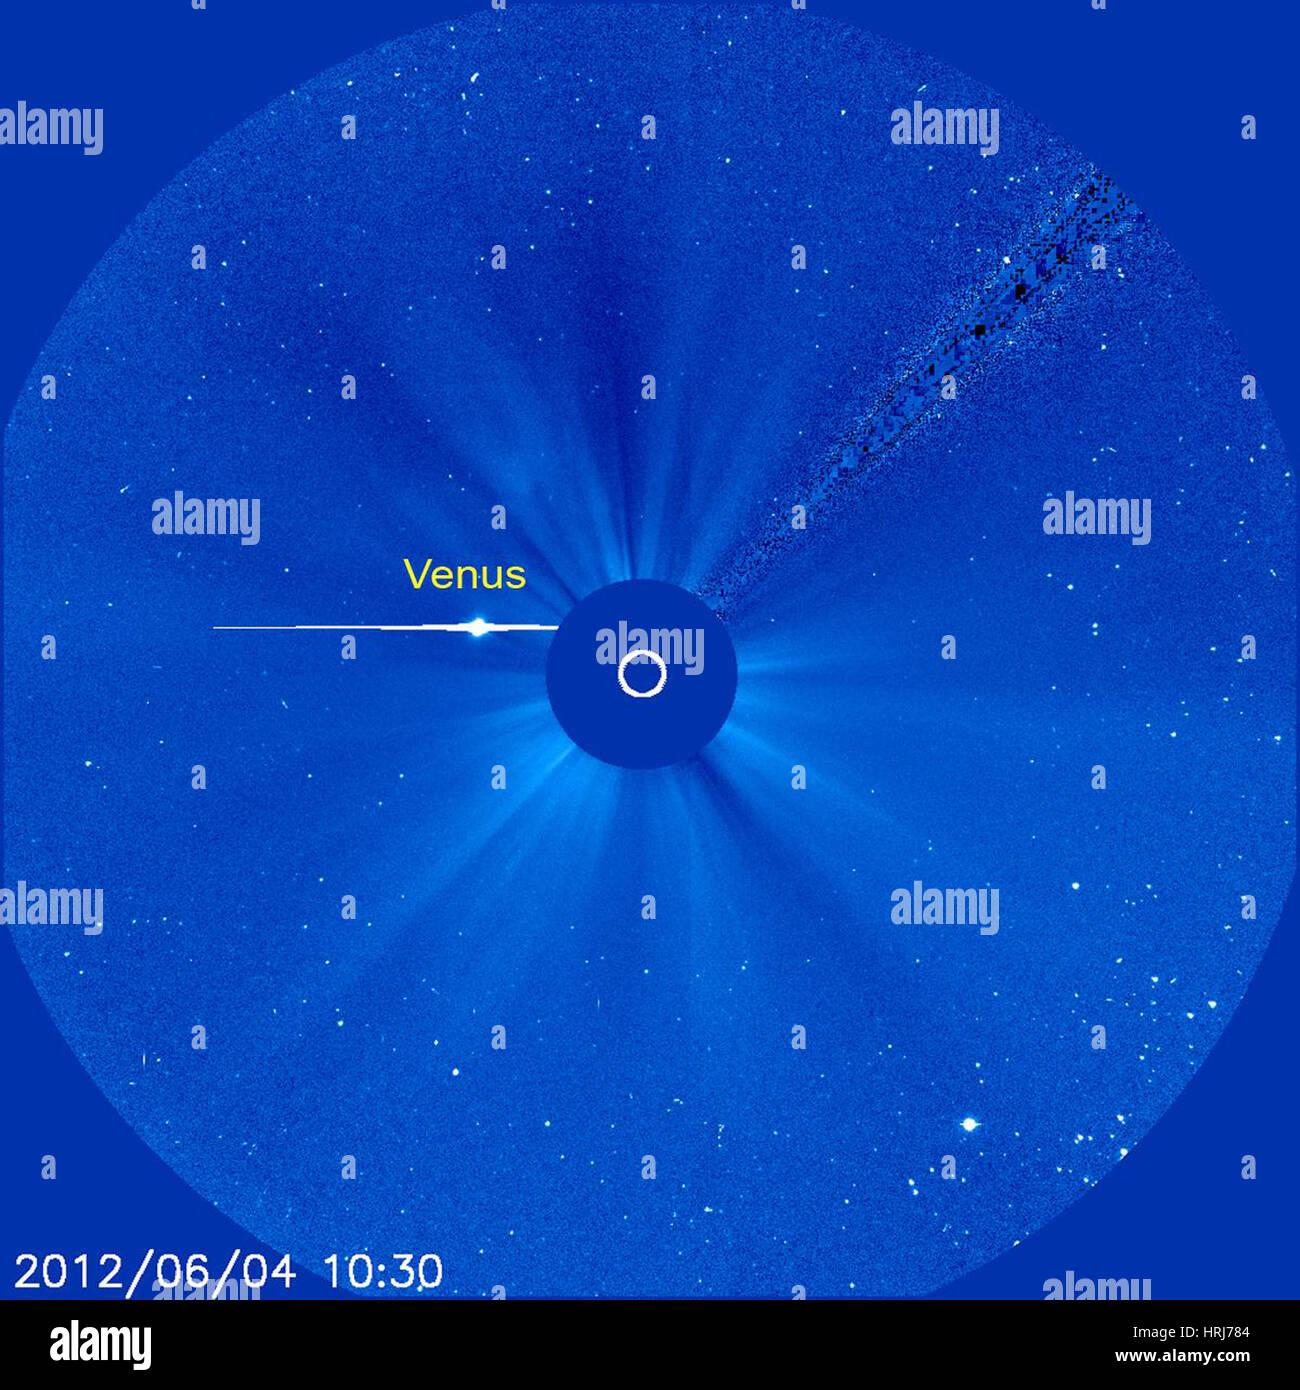 Venus Transit, 2012 - Stock Image